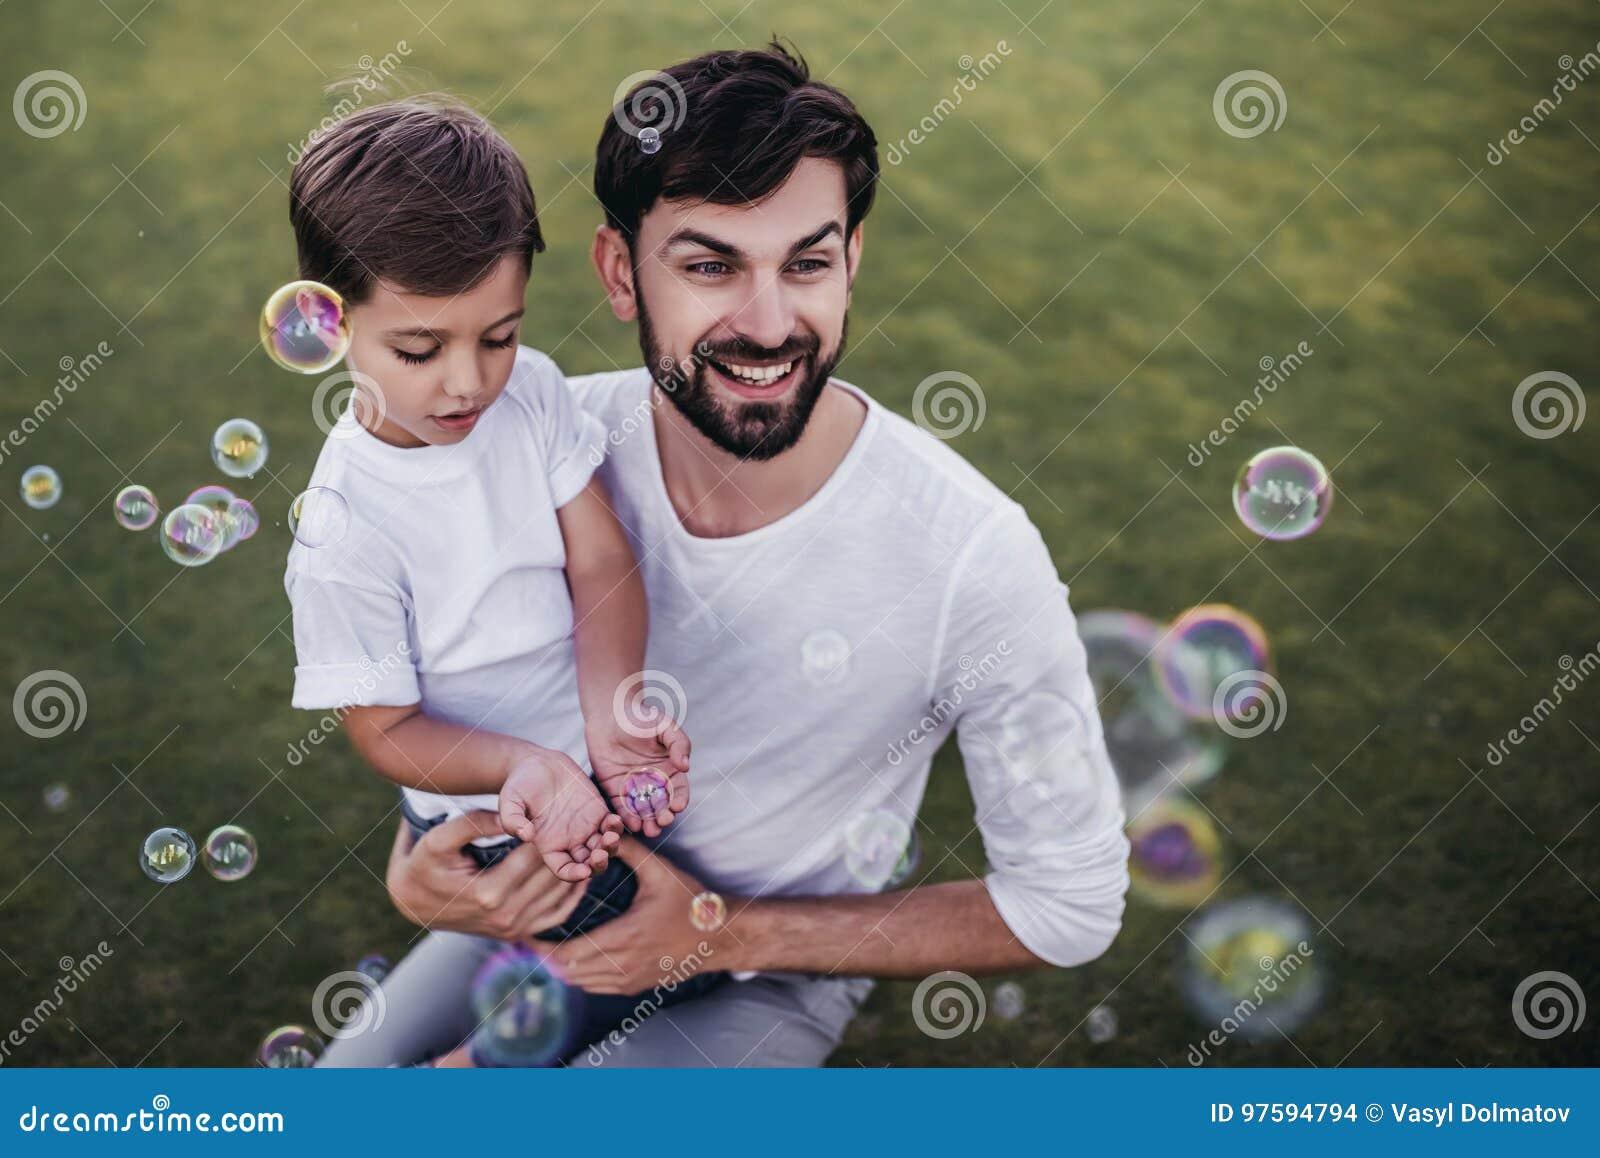 Farsa och son utomhus